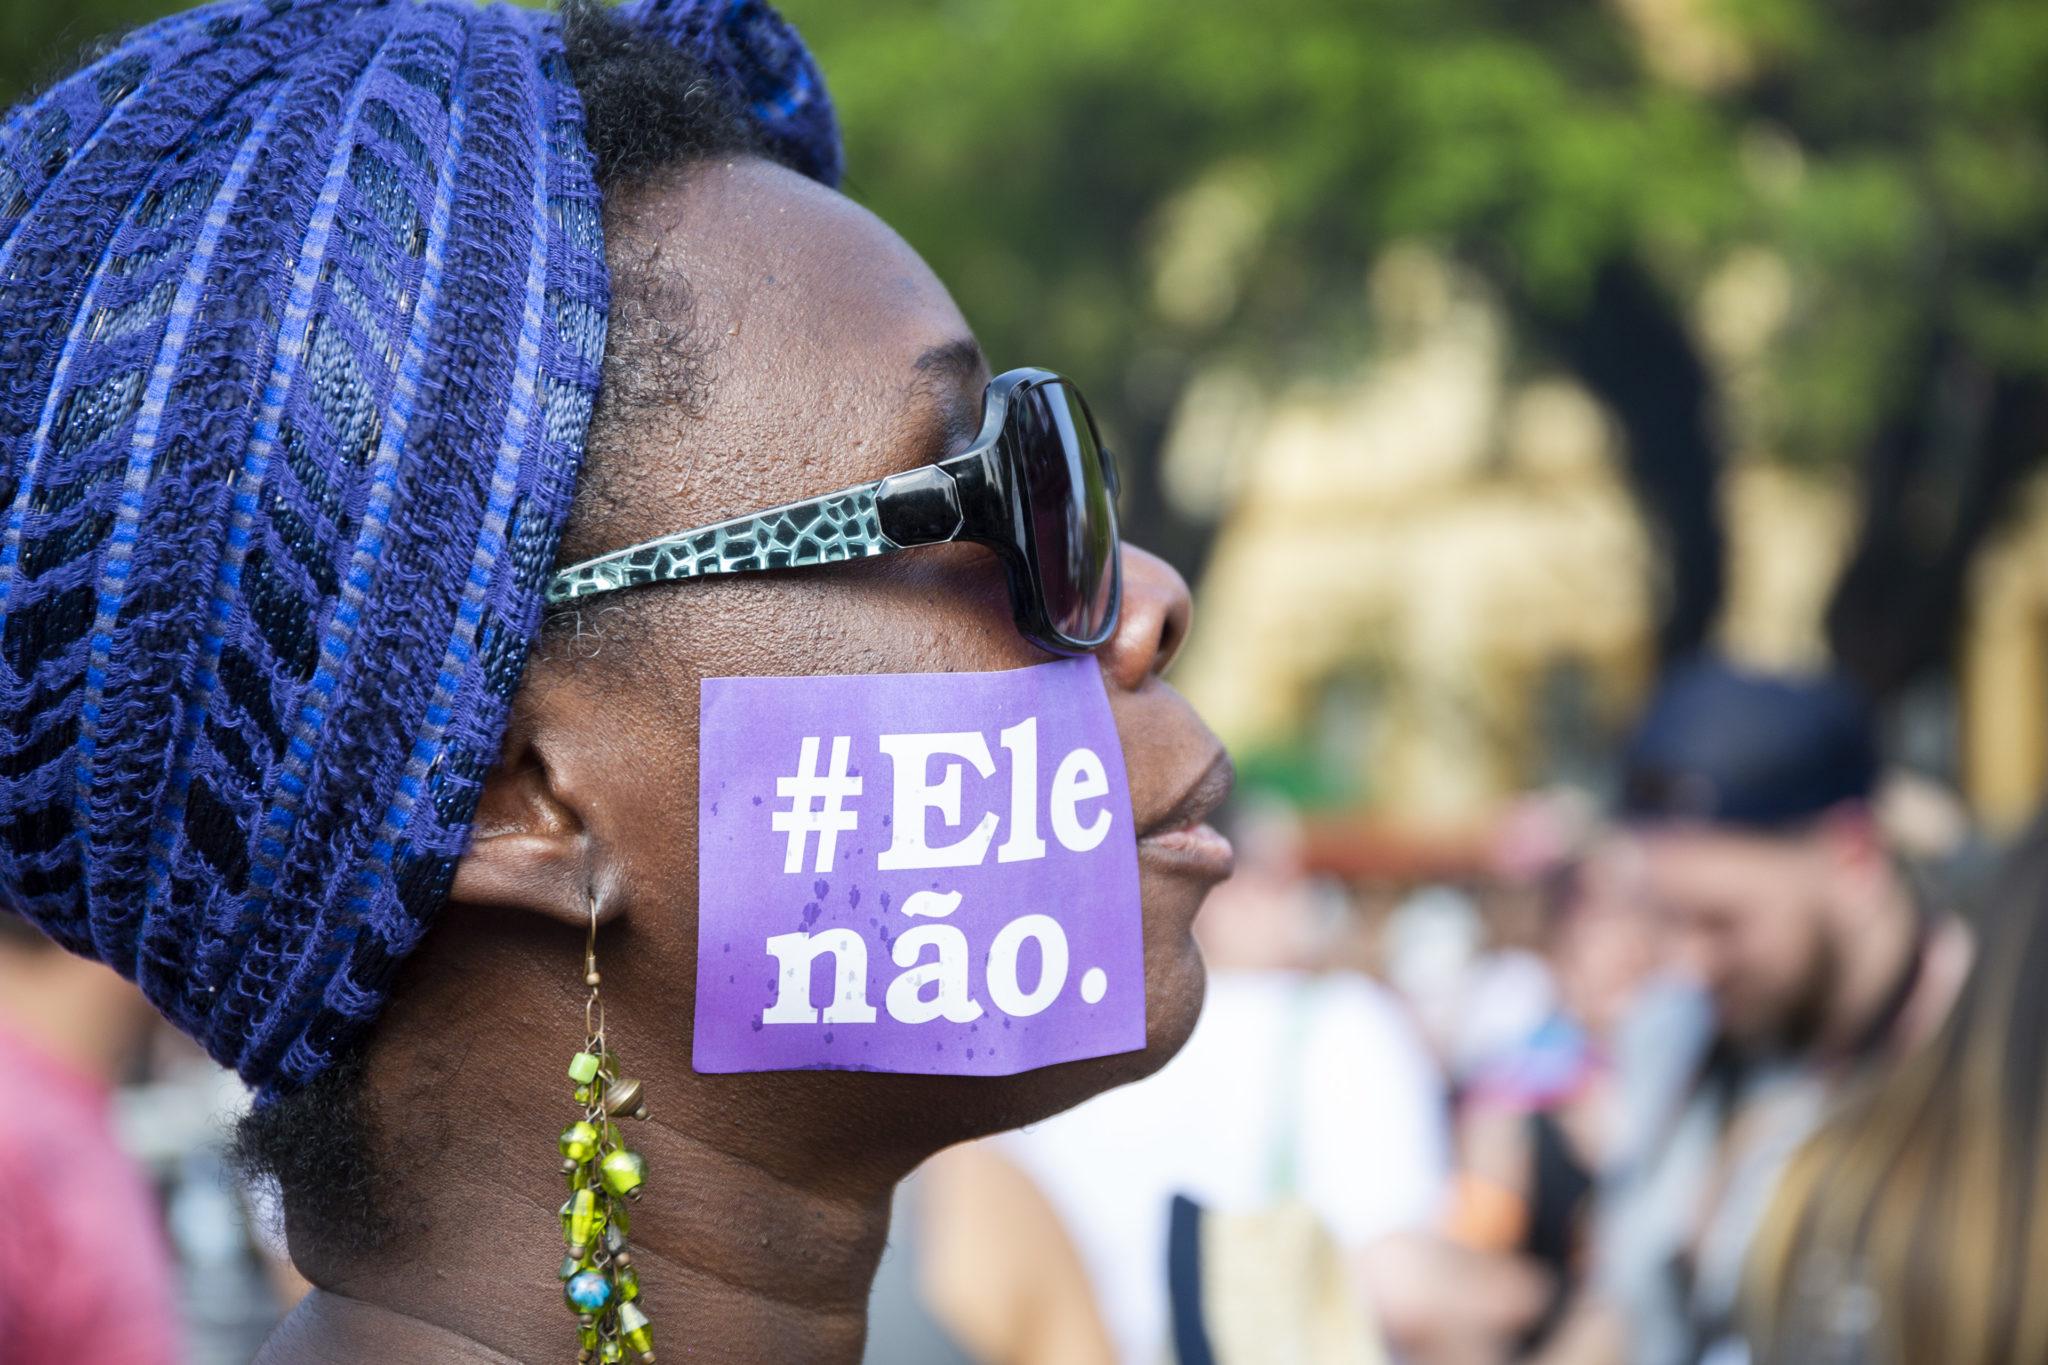 Ar Vraziliadezed a zo bet e penn an emsav #Ele Não a-enep Bolsonaro e 2018